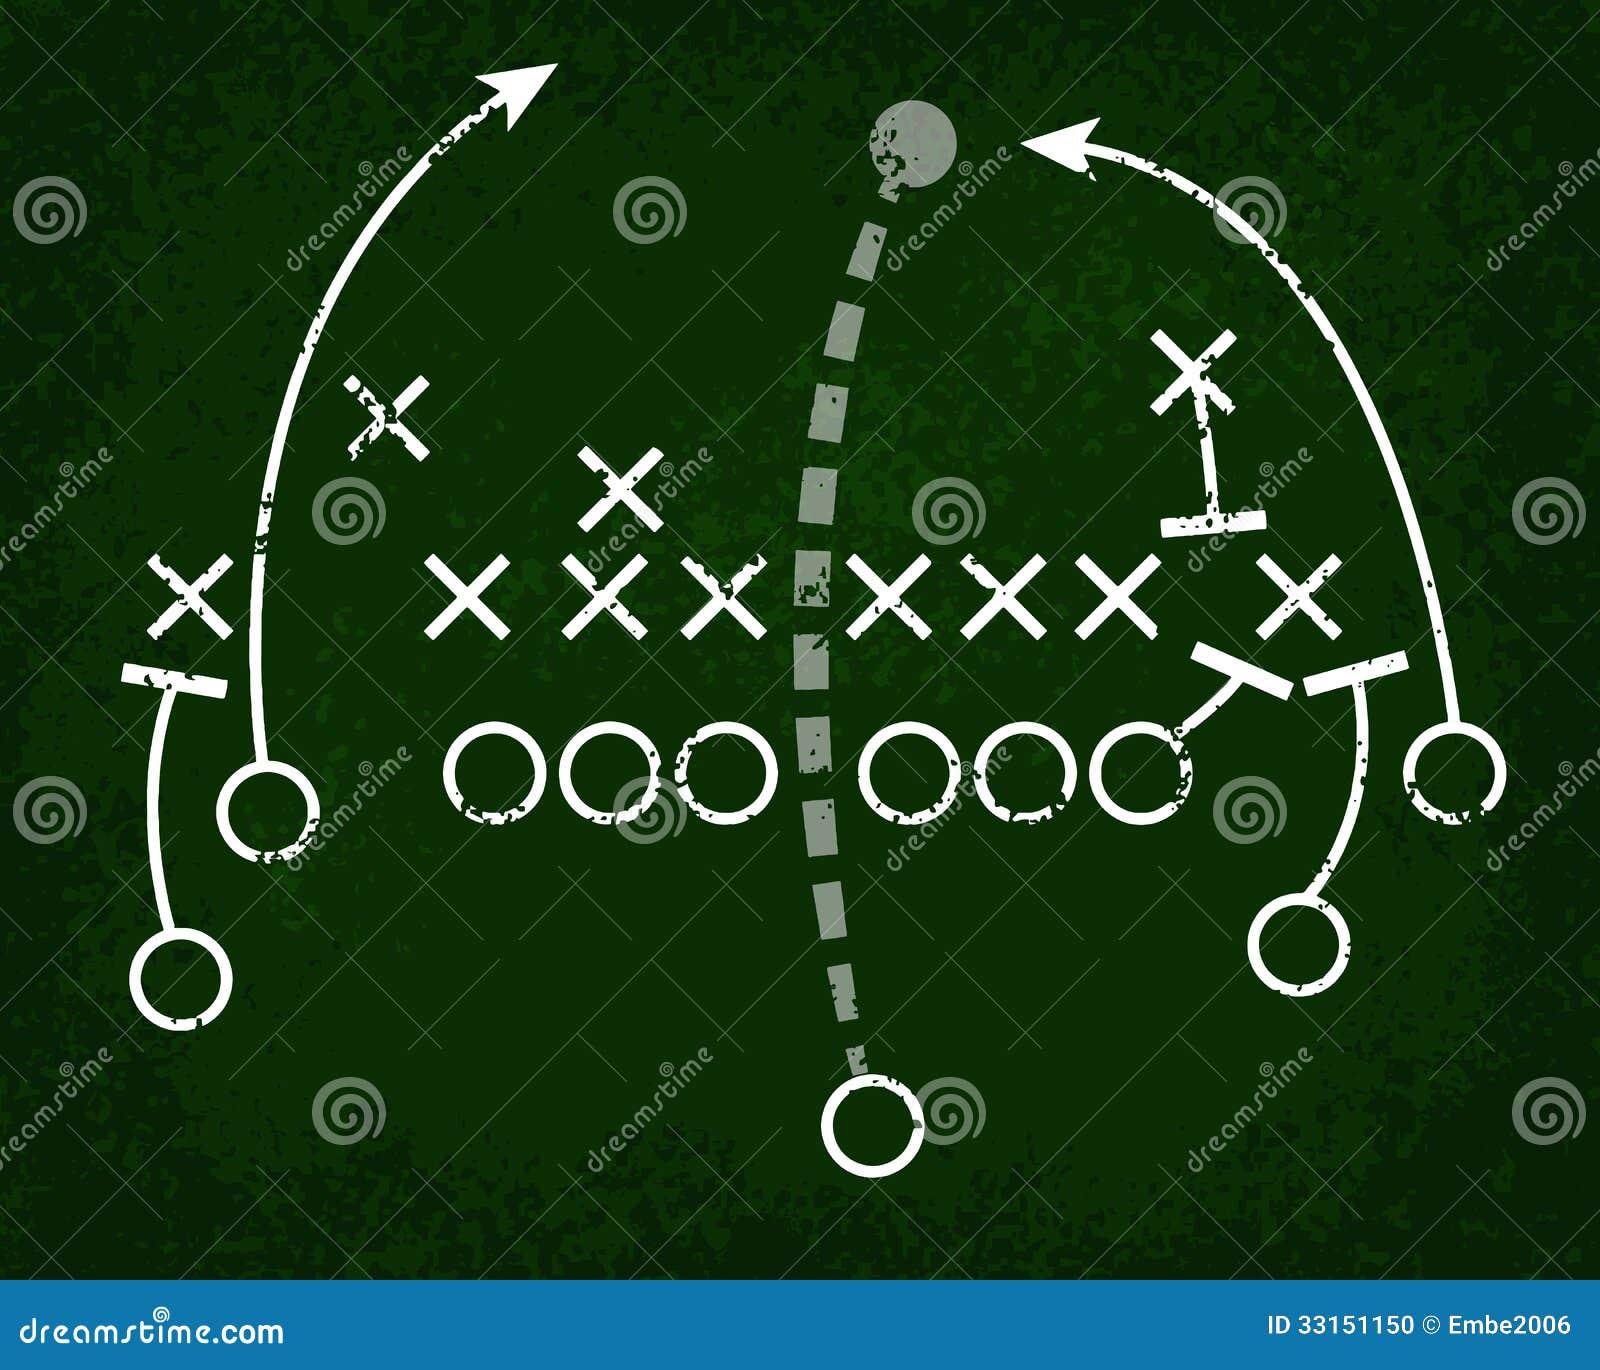 Tableau de jeu de football